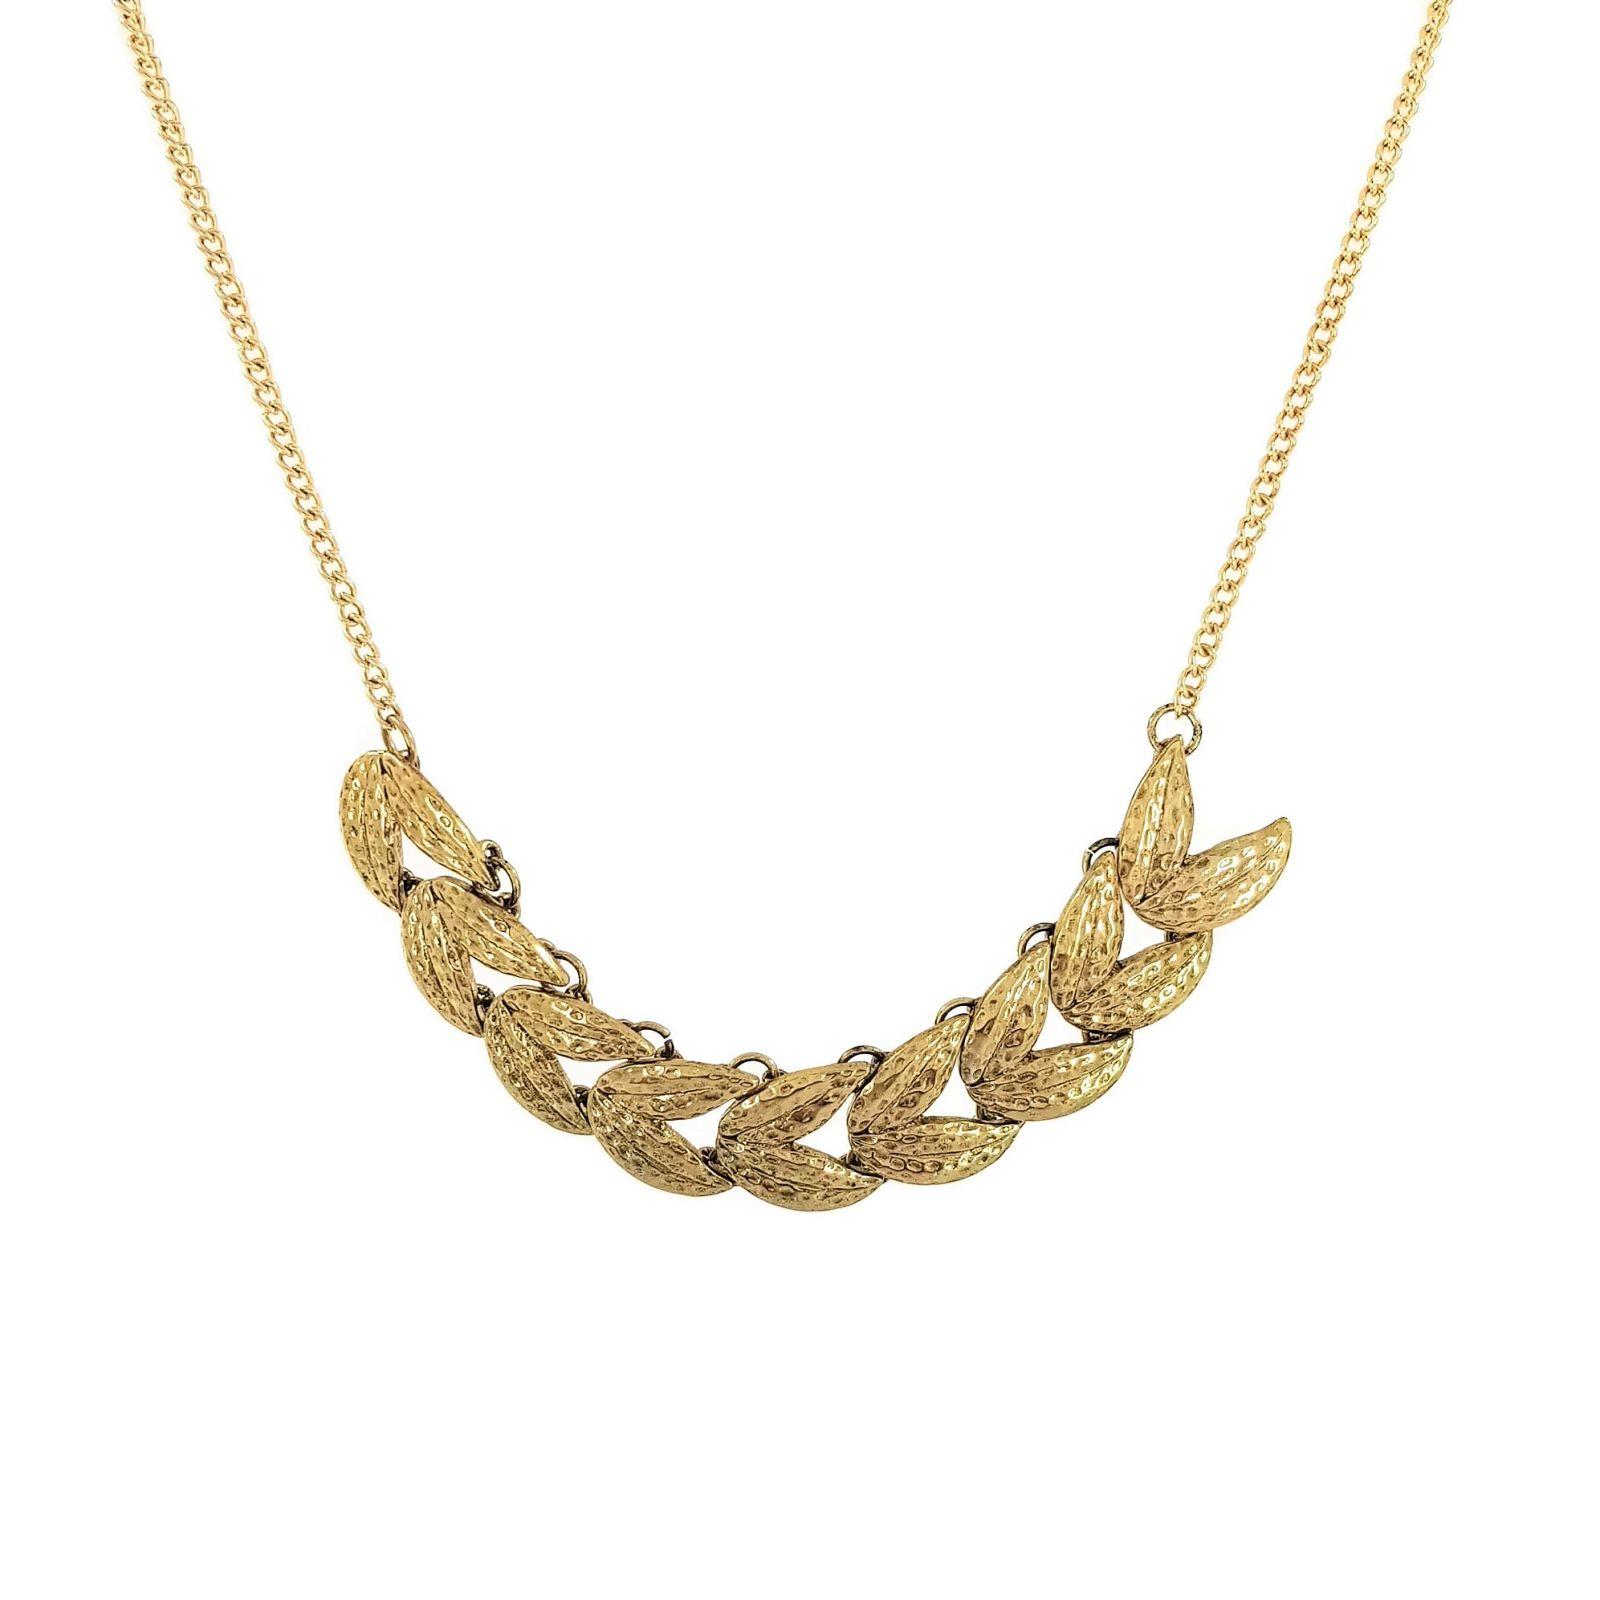 Zlatavý náhrdelník z vavřínových listů GIIL